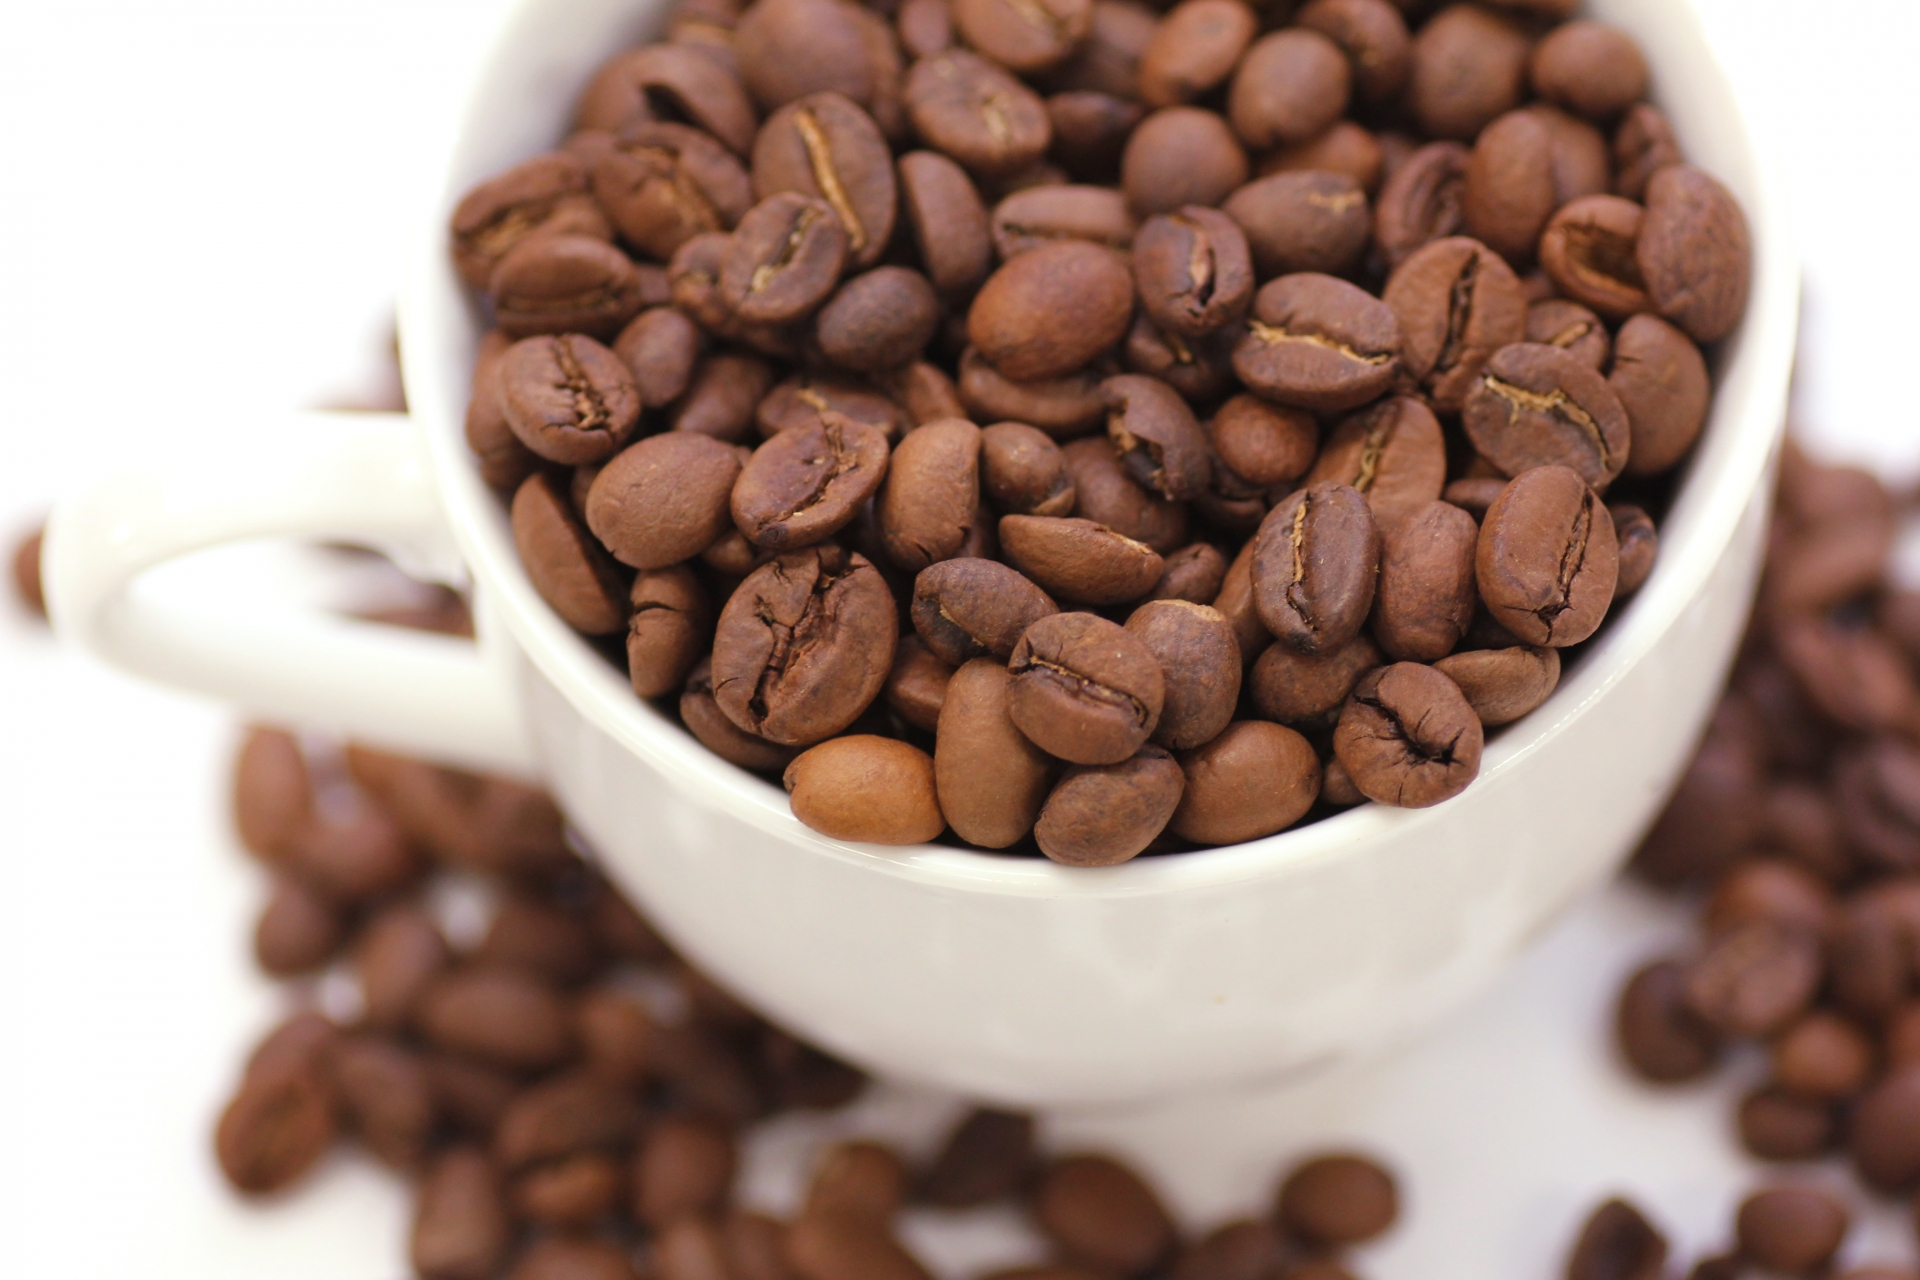 コーヒーのカフェインで薄毛・ハゲ治療?育毛・発毛の仕組みとは